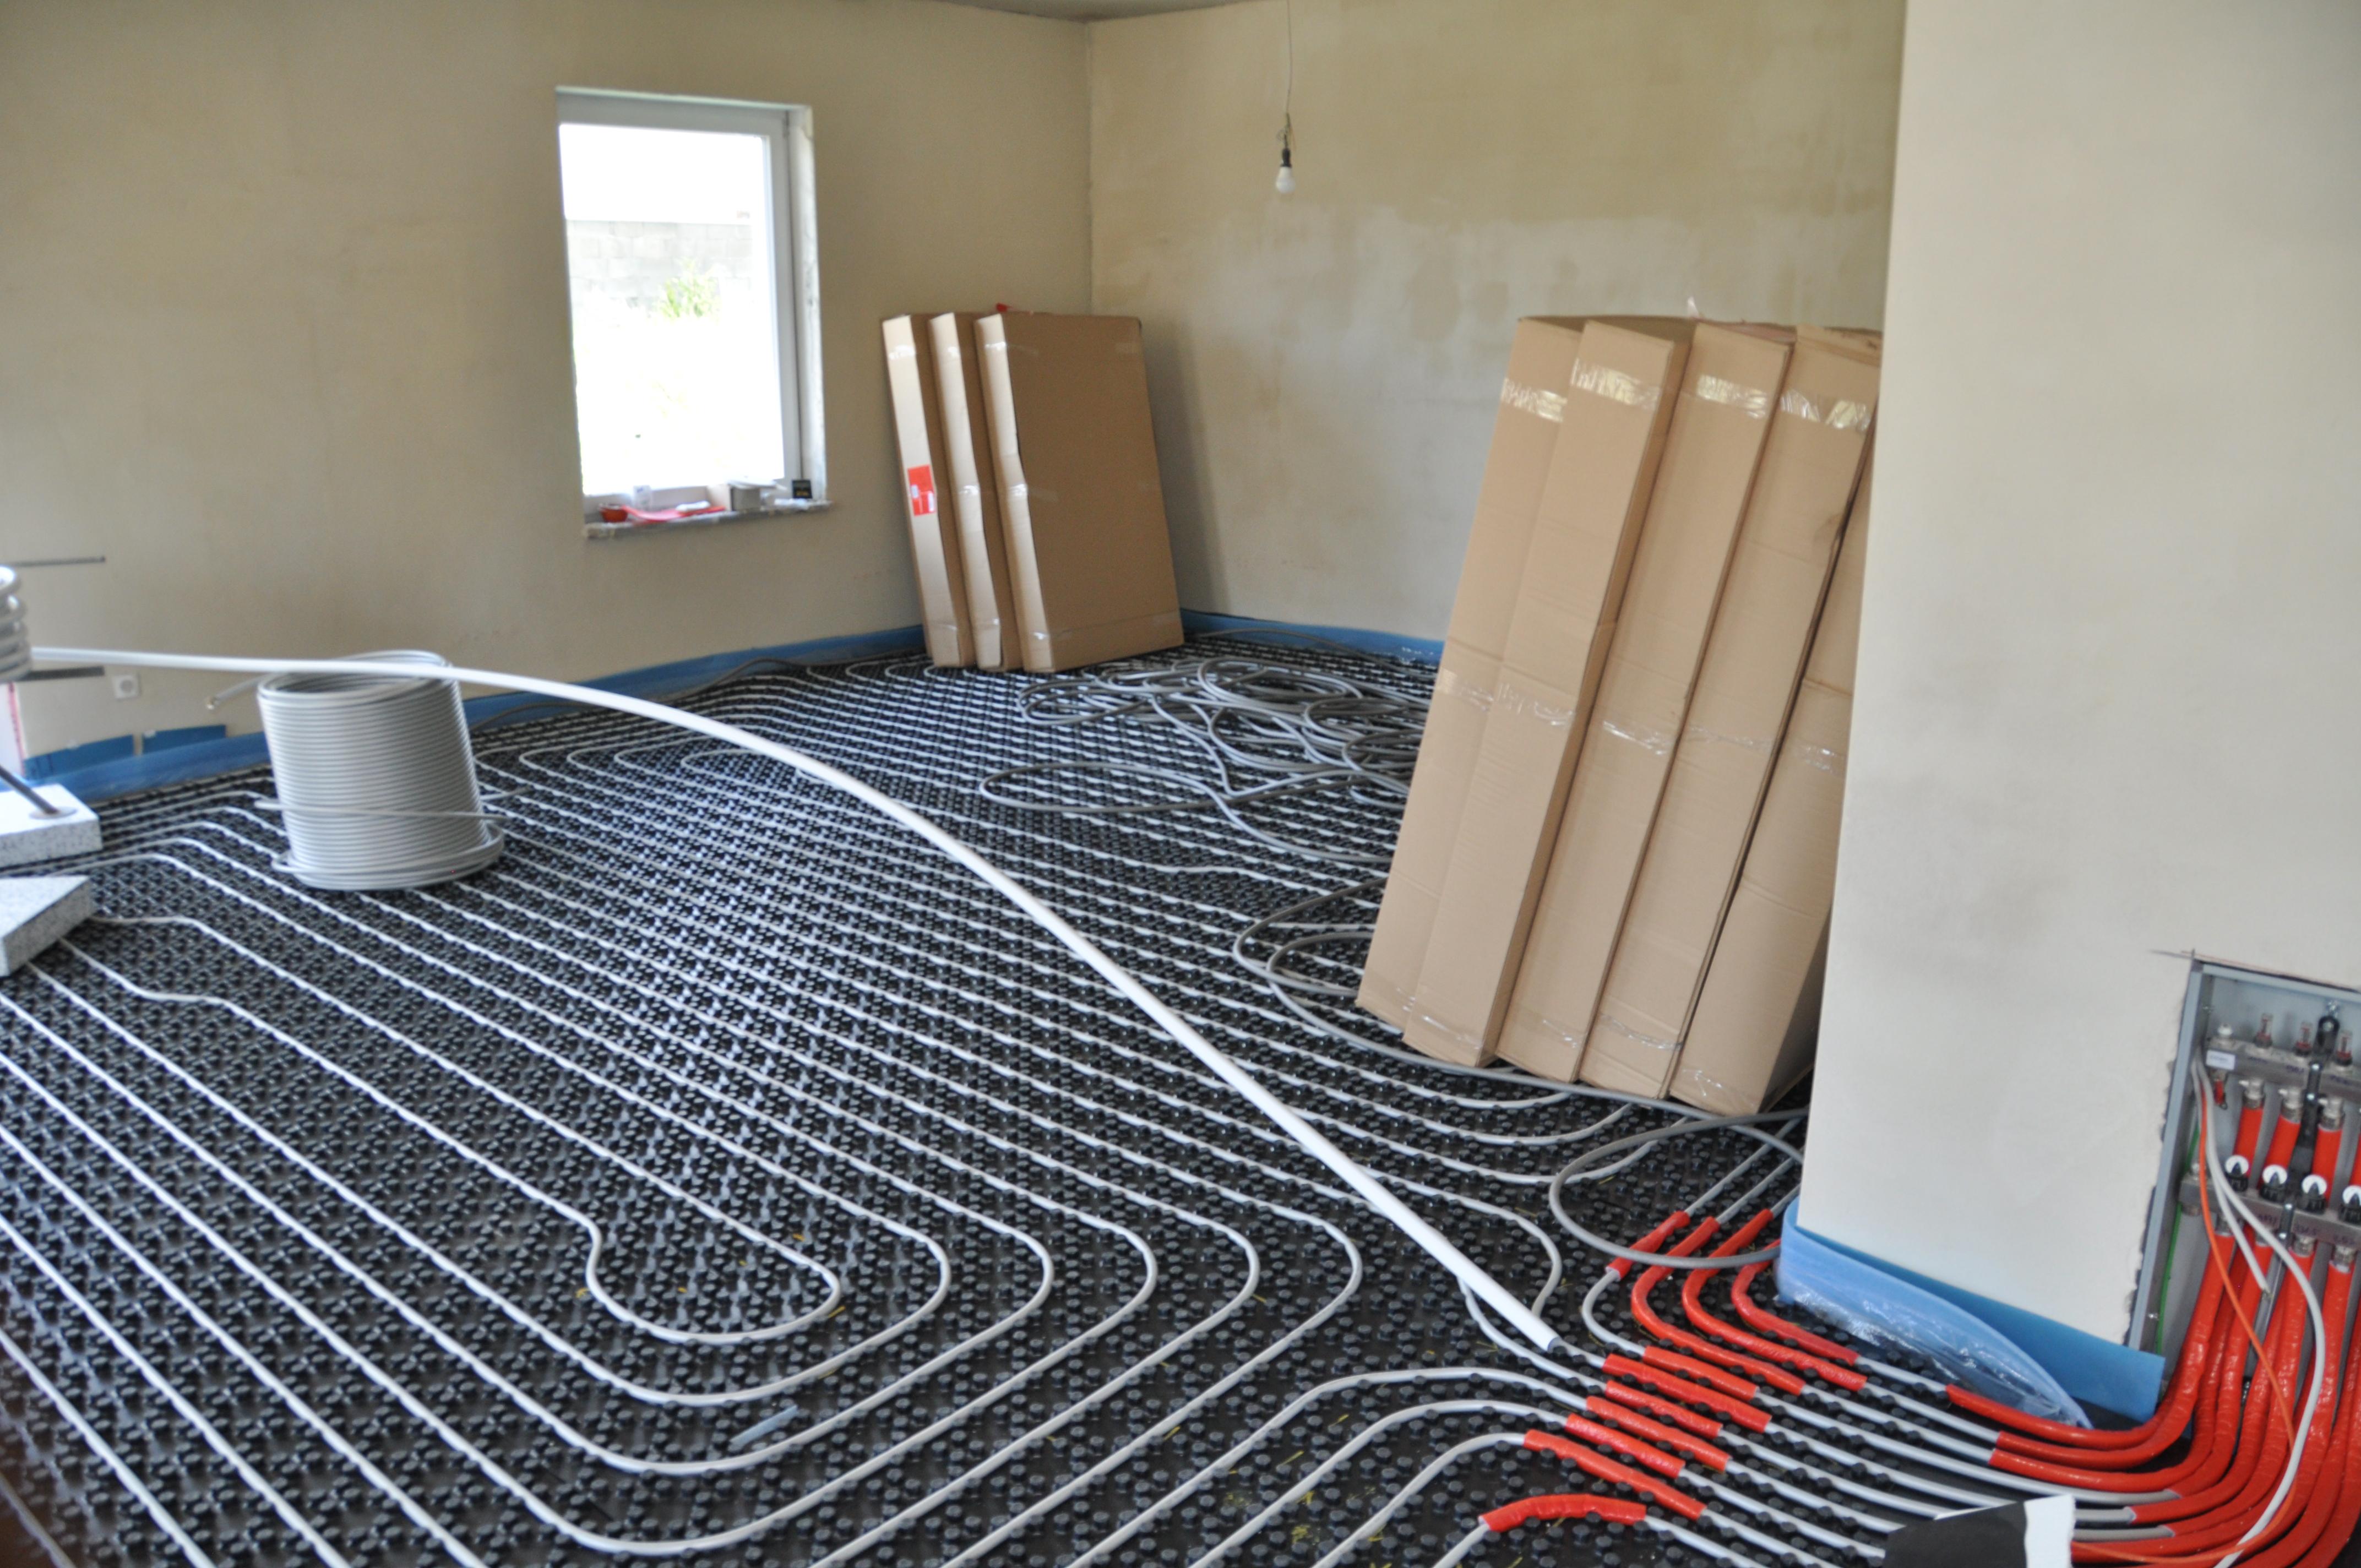 Fußboden Verteiler ~ Fußbodenheizung haus im selbstbau